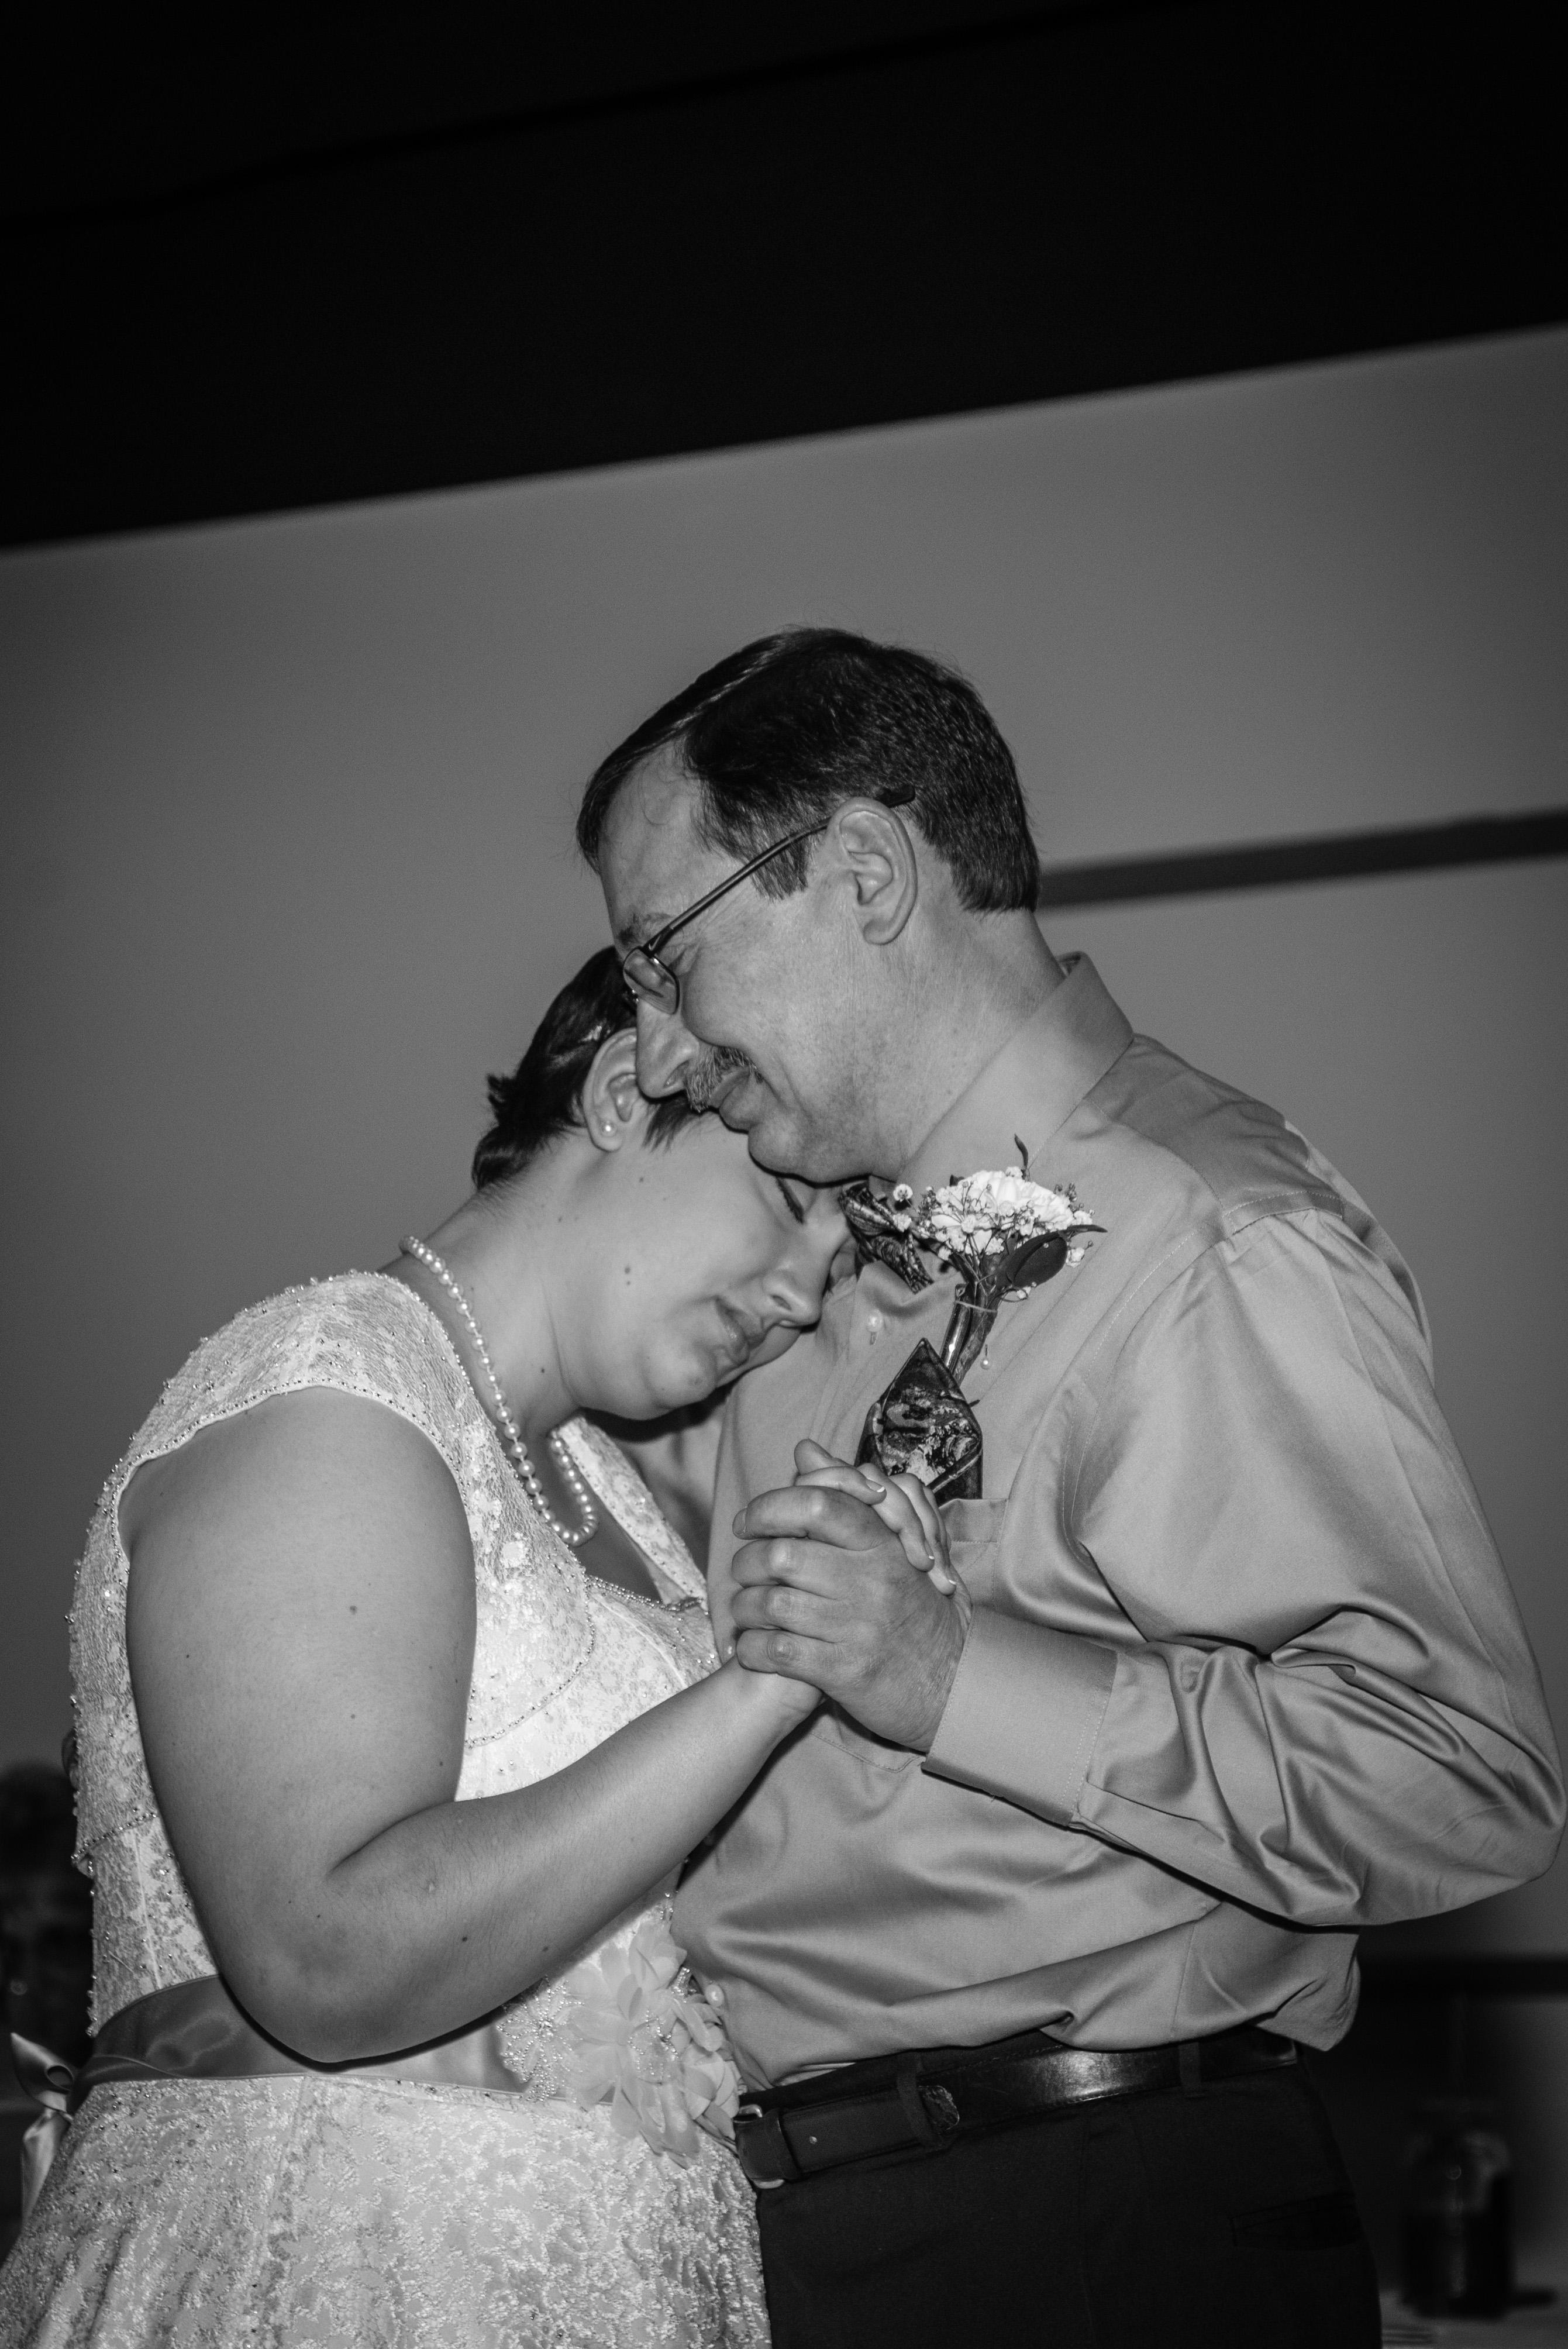 DeweyPhotography_Weddings_Binghamton_NY-43